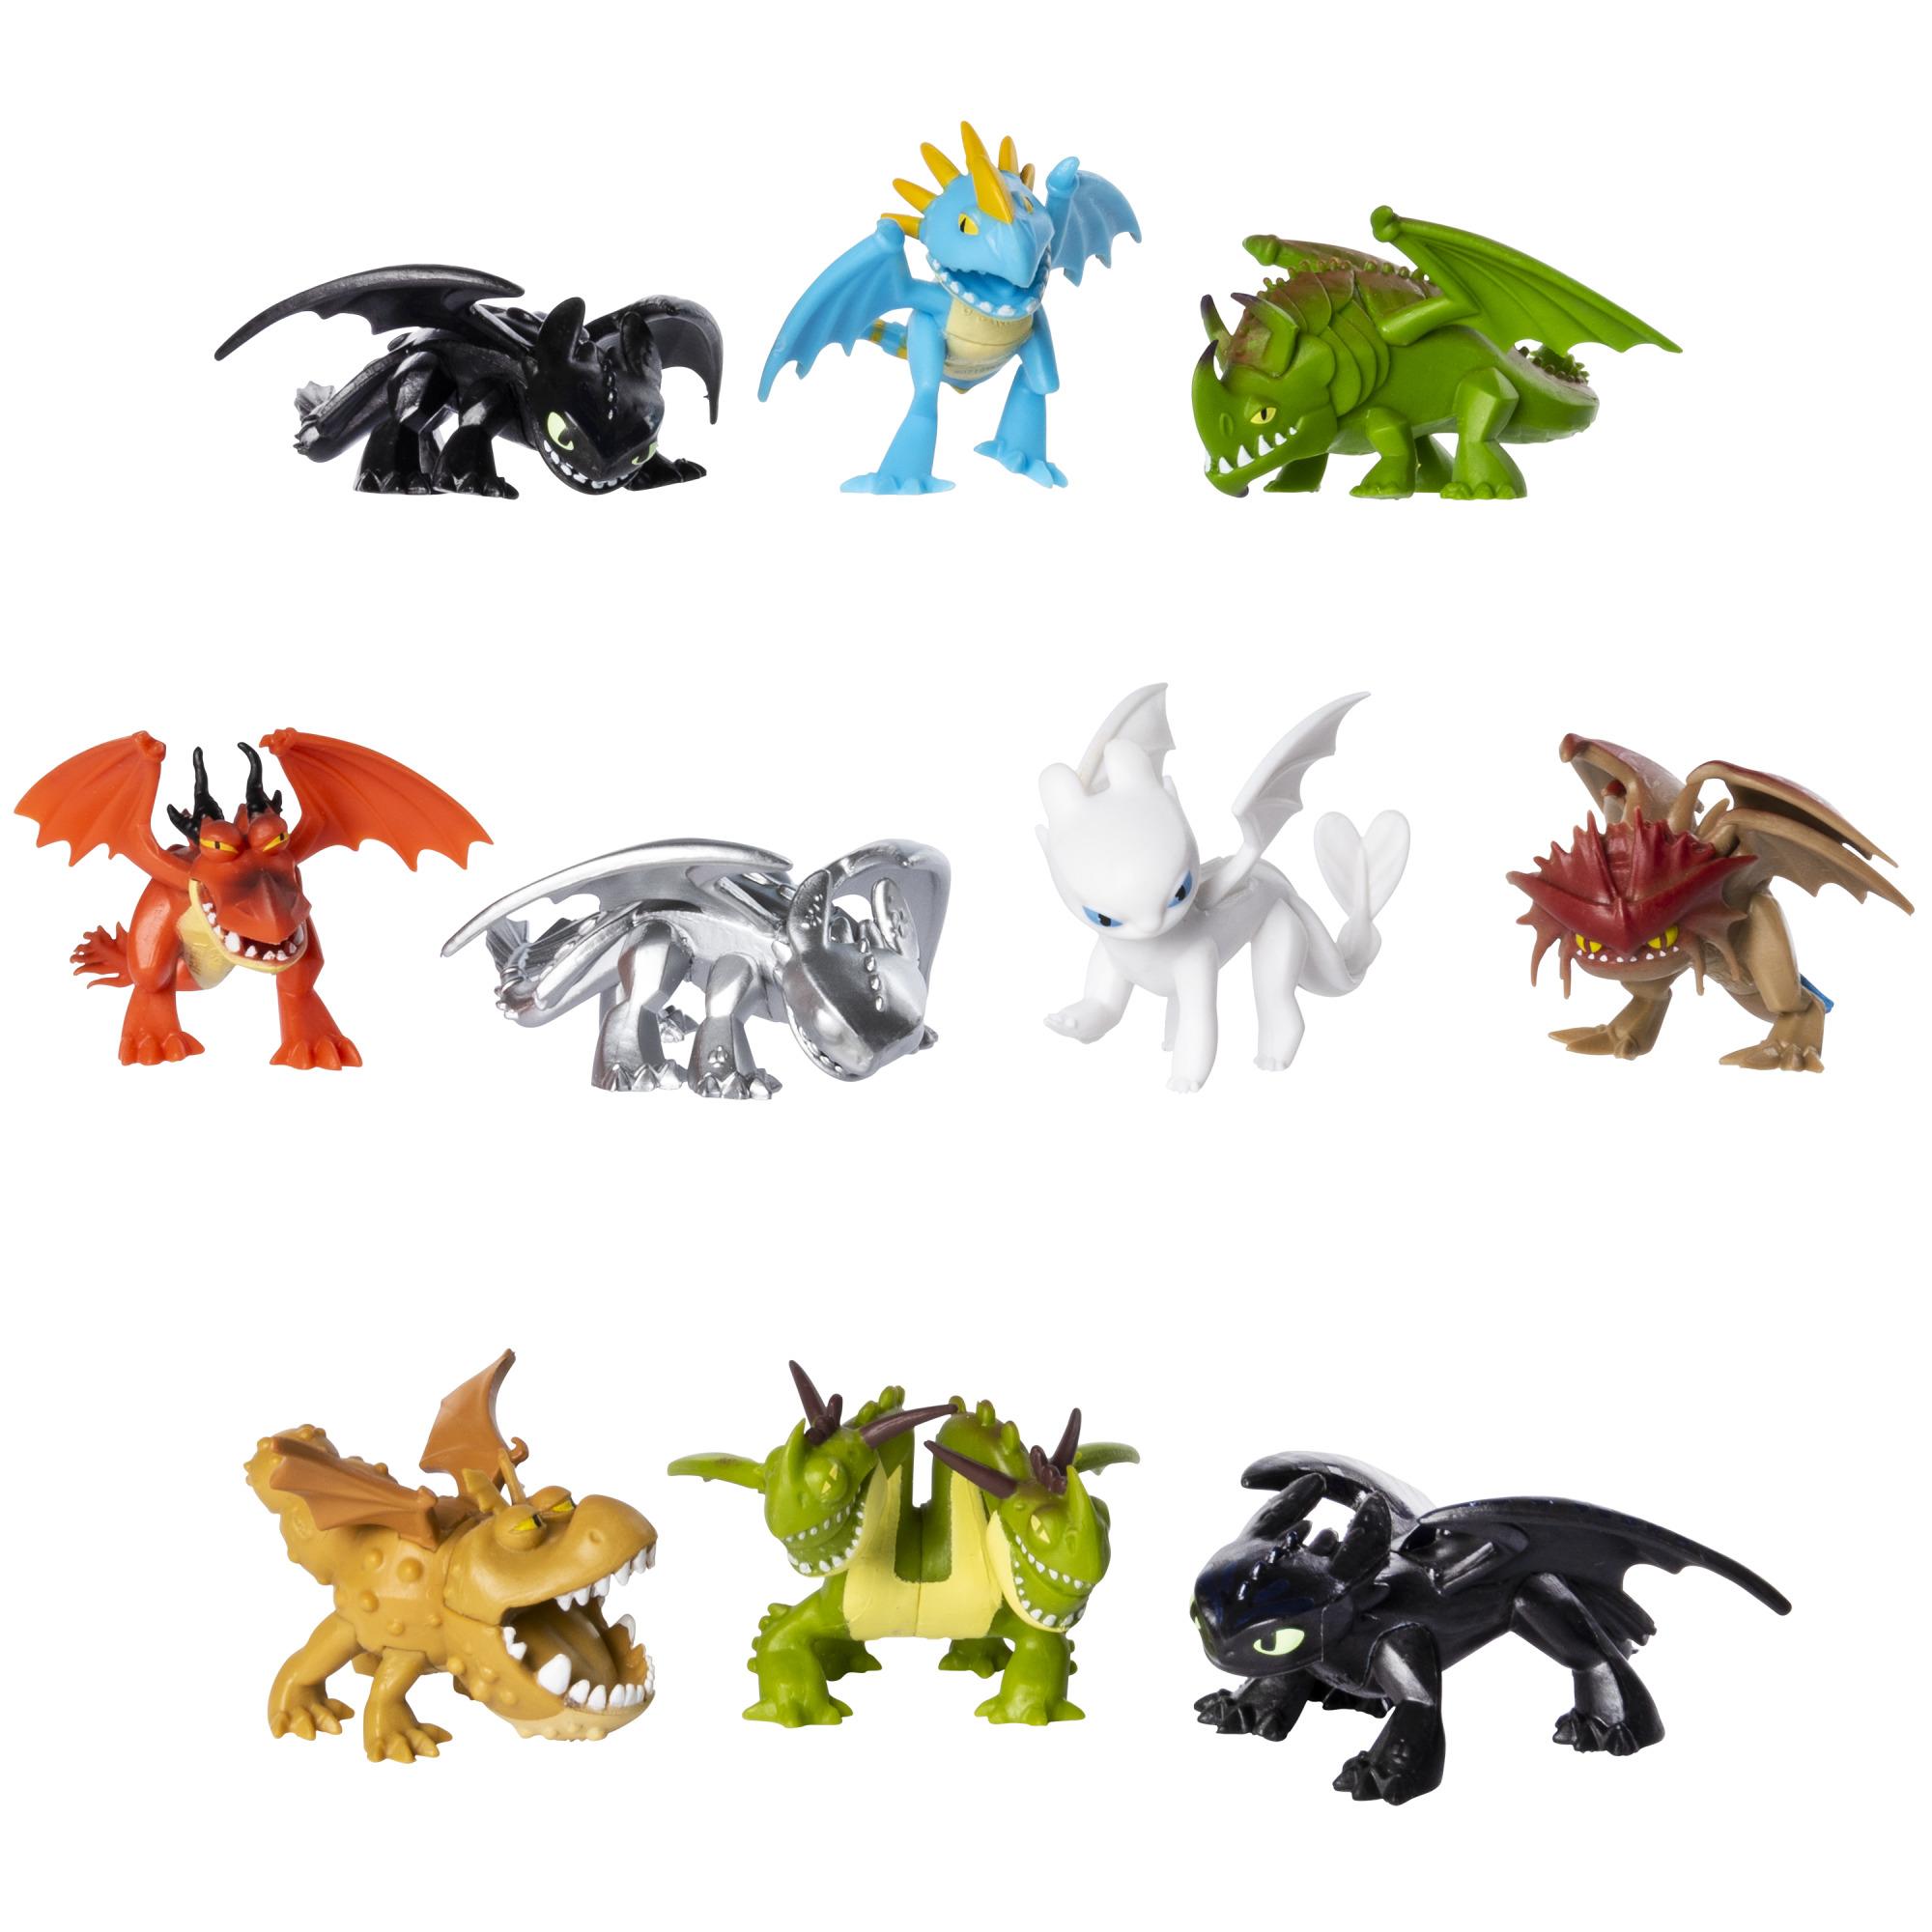 dragons 66621dg дрэгонс игровой набор дракон и фигурка смертолап и гриммель Фигурка Dragons 66616